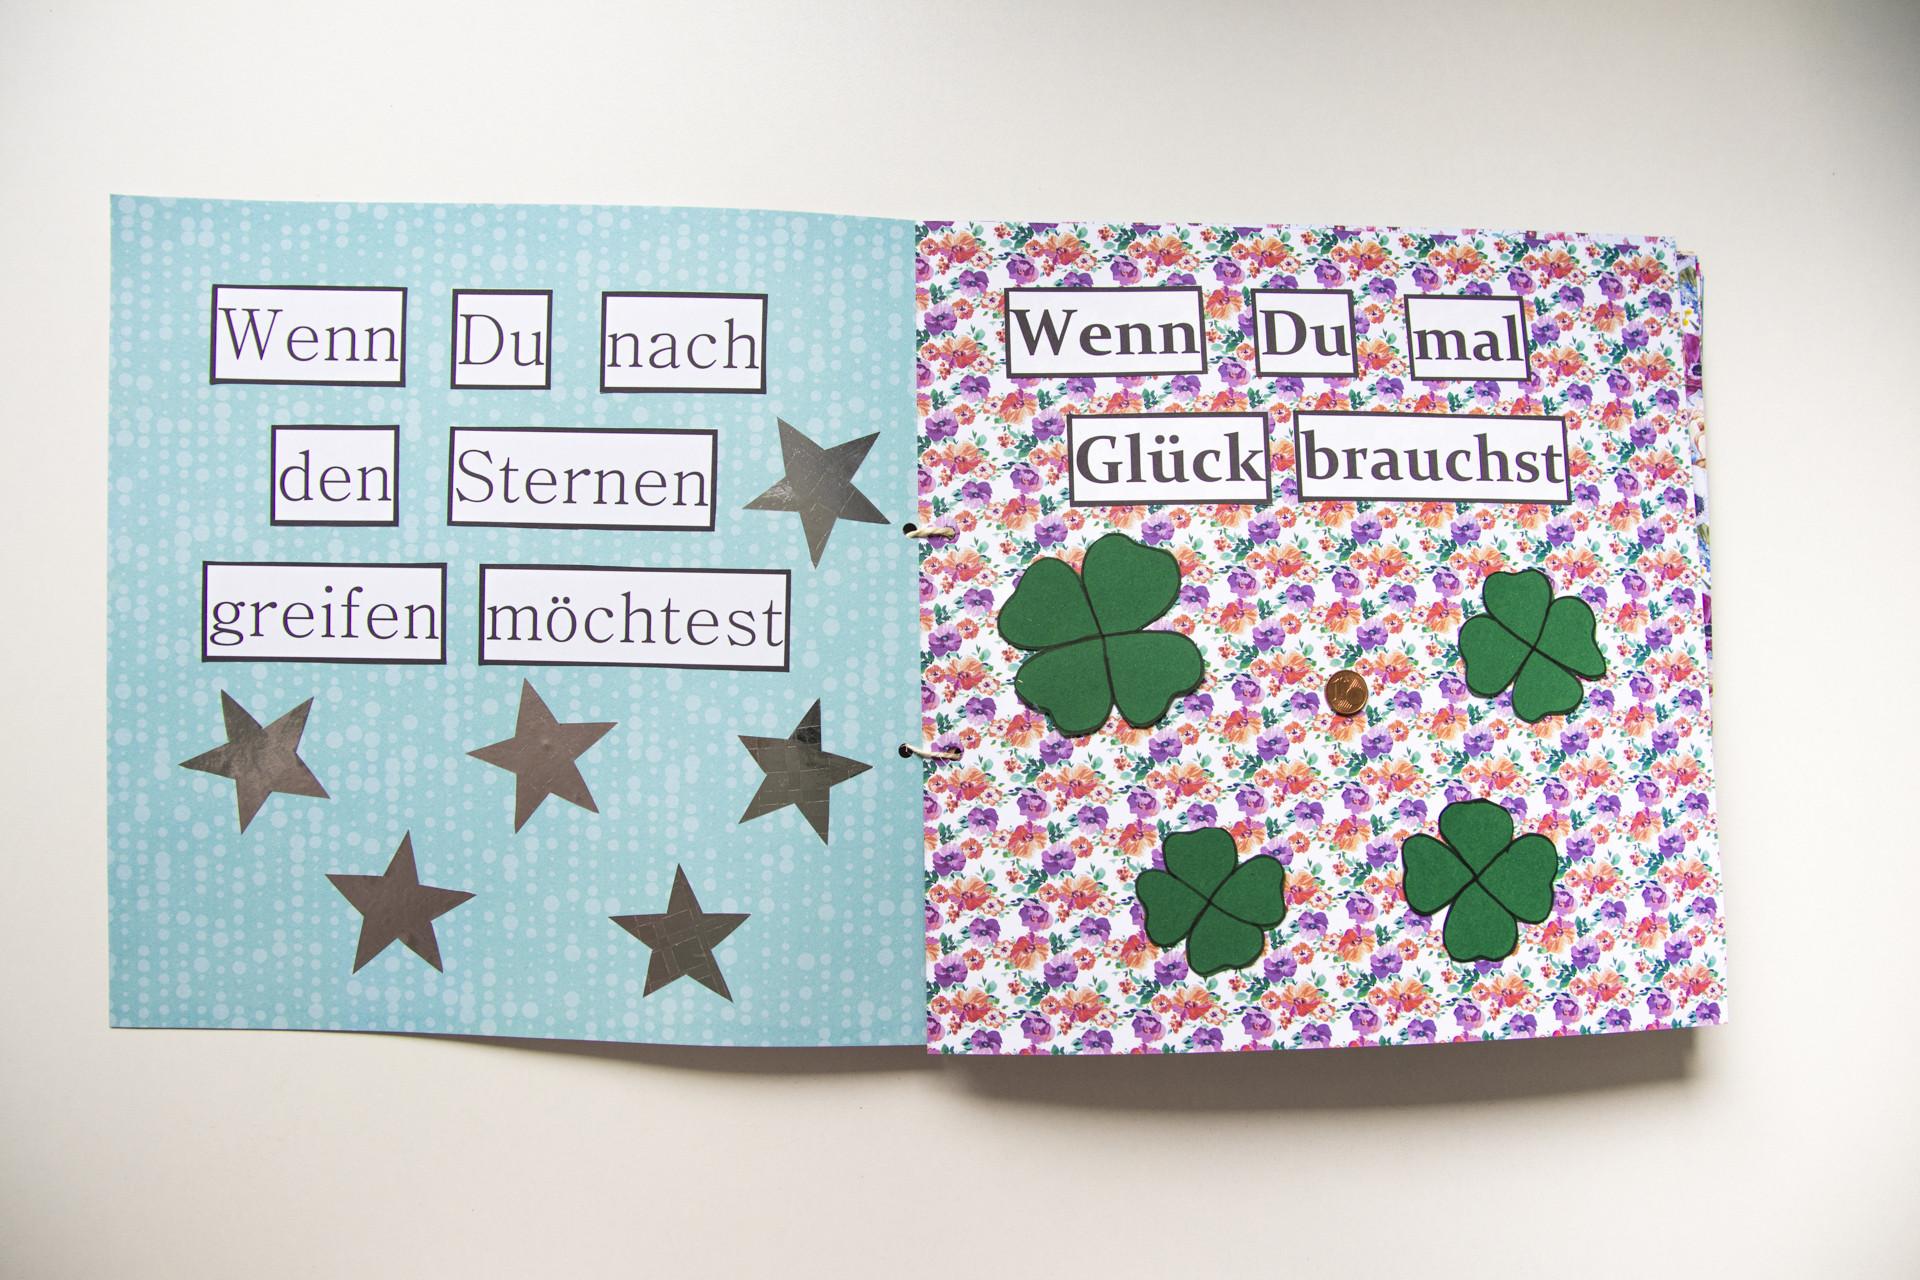 Die Besten Geburtstagsgeschenke  Wenn Buch für Beste Freundin Ideen und Sprüche auf